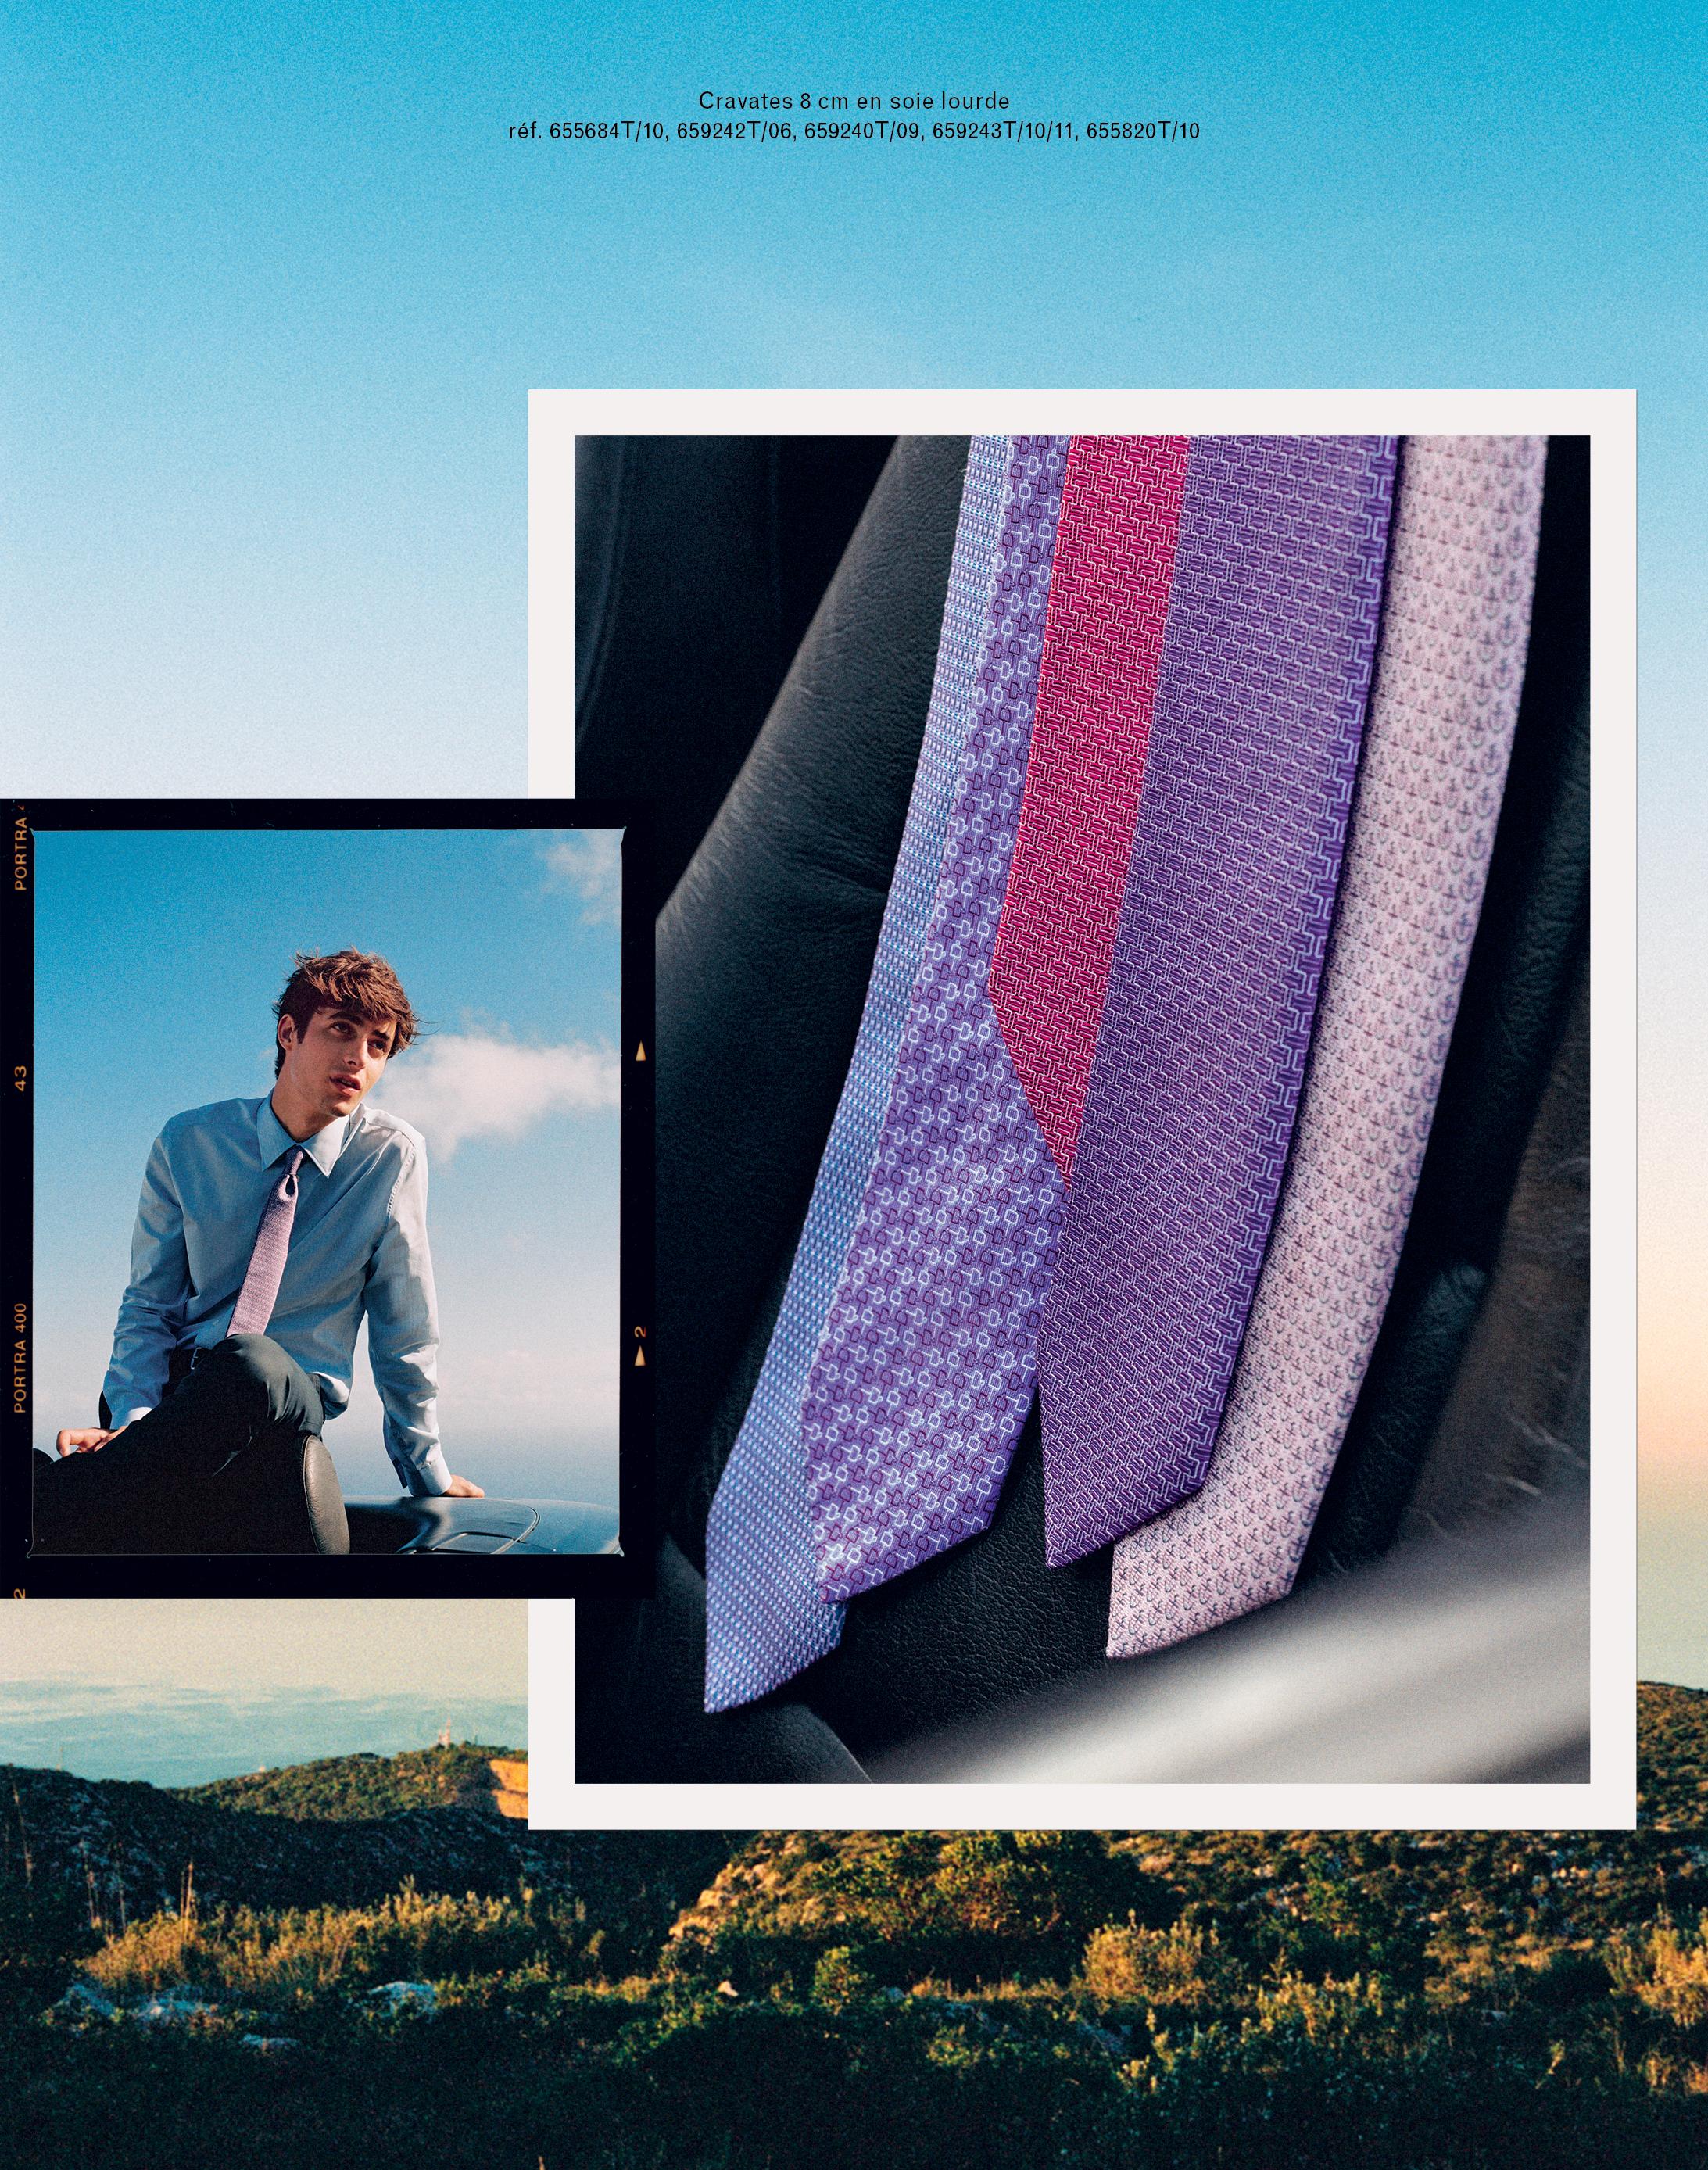 Cravates PE19_728.jpg